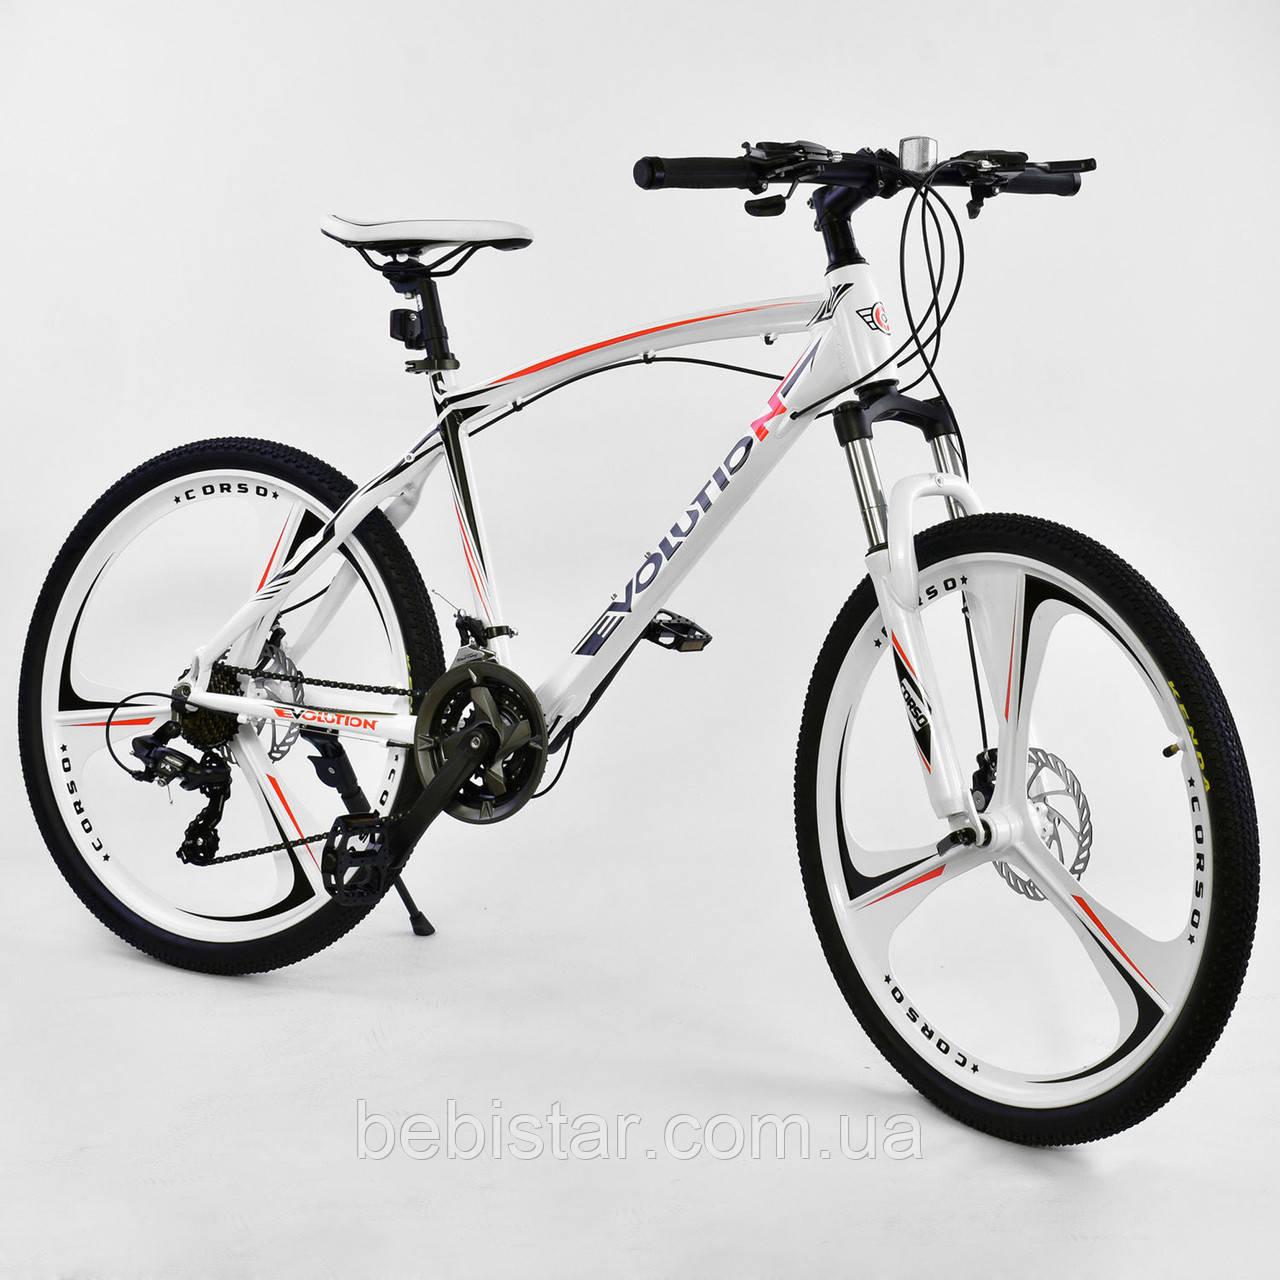 Спортивный велосипед белый CORSO EVOLUTION 26 дюймов 24 скорости алюминиевая рама 17дюймов